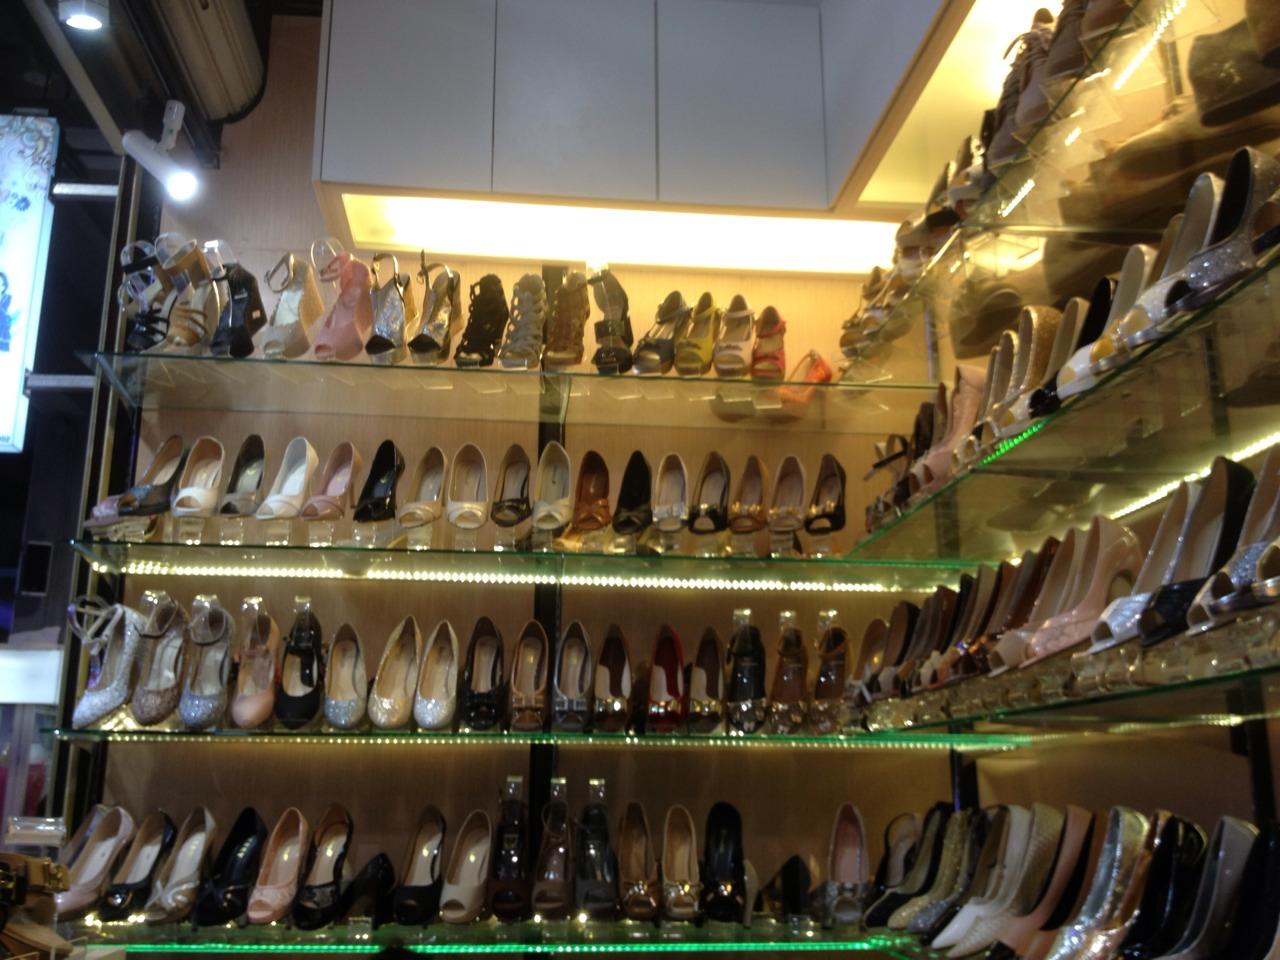 อุปกรณ์ร้านขายเสื้อผ้า, อะคริลิค, ราคาถูก, ตกแต่งร้าน